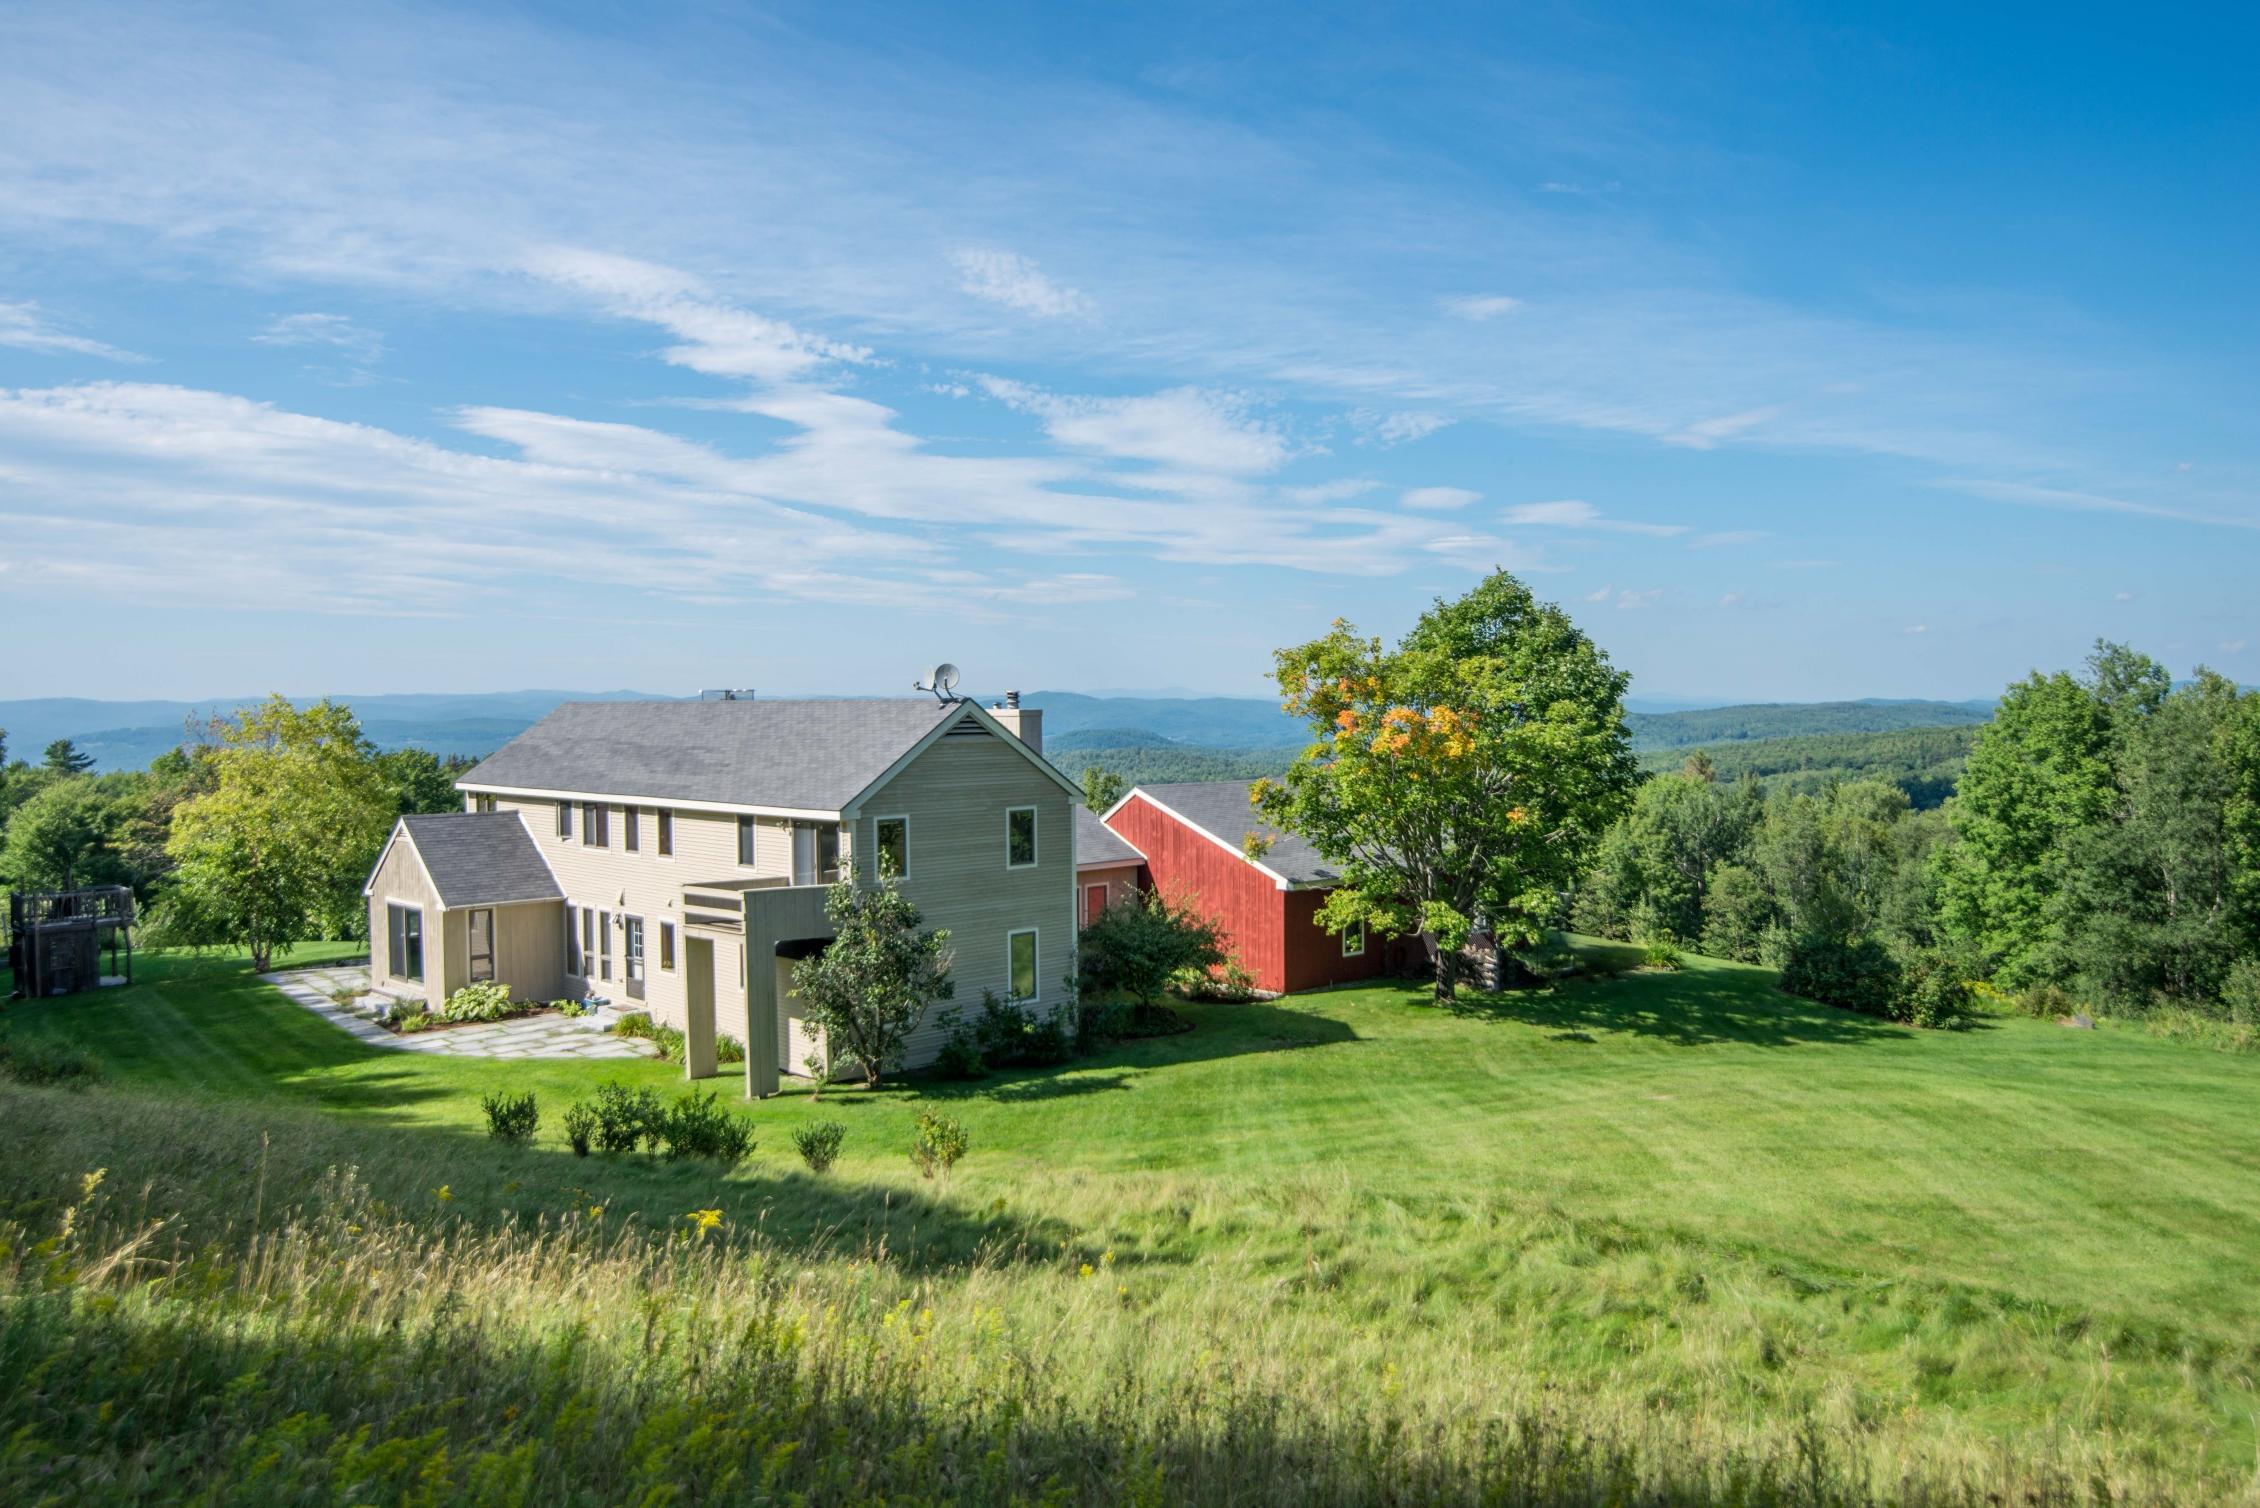 一戸建て のために 売買 アット 191 Three Mile, Hanover 191 Three Mile Rd Hanover, ニューハンプシャー, 03755 アメリカ合衆国